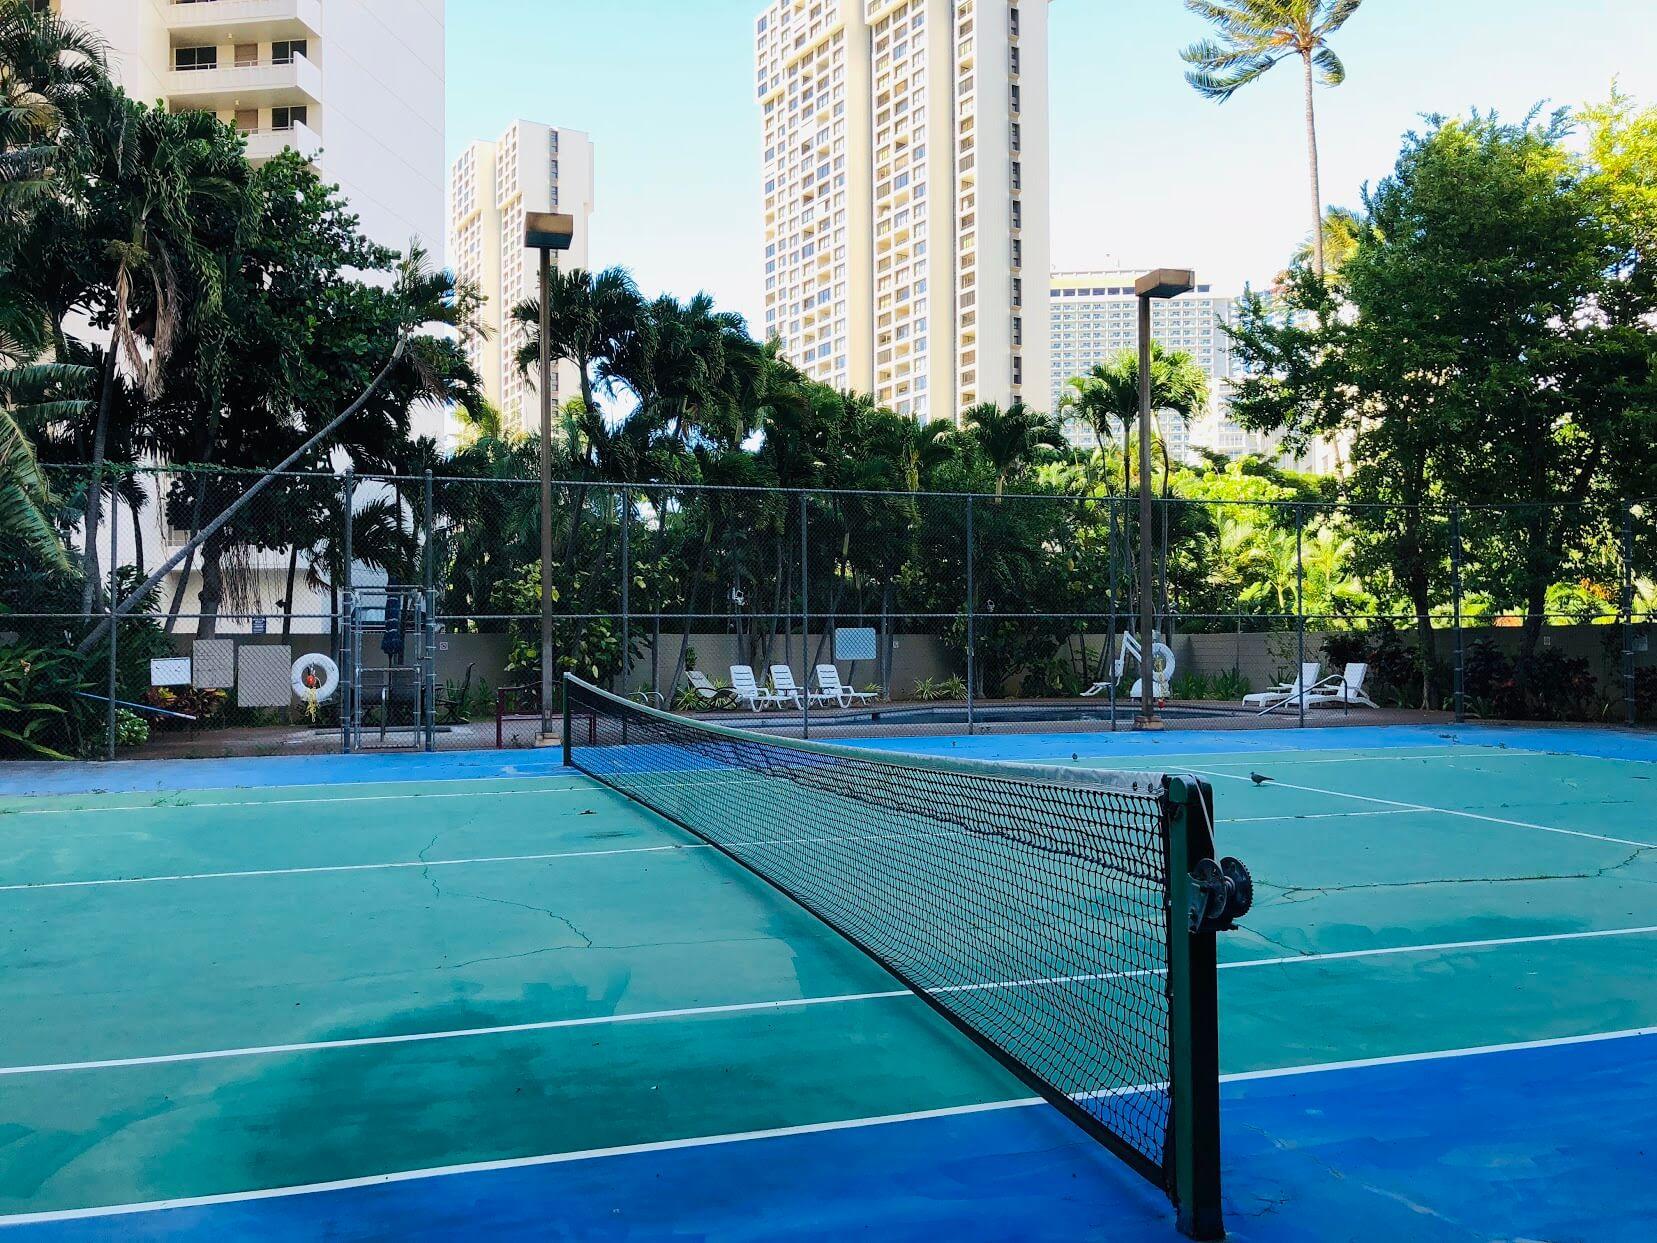 Waikiki Marinaのテニスコート